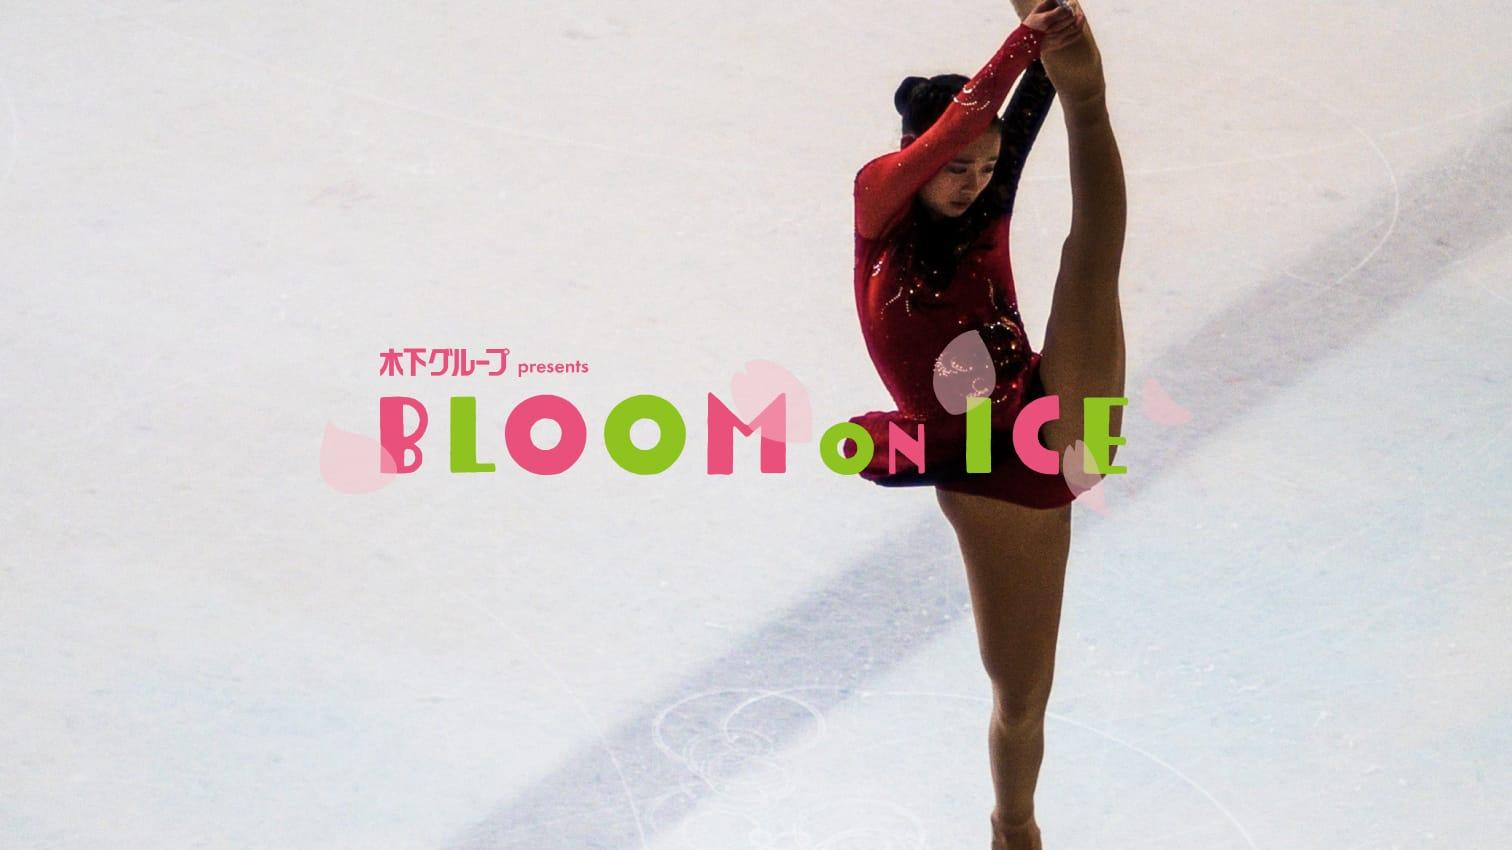 【木下スケートアカデミー創立1周年記念】Bloom On Ice 公演①ライブイベント(4/24 13:00〜)